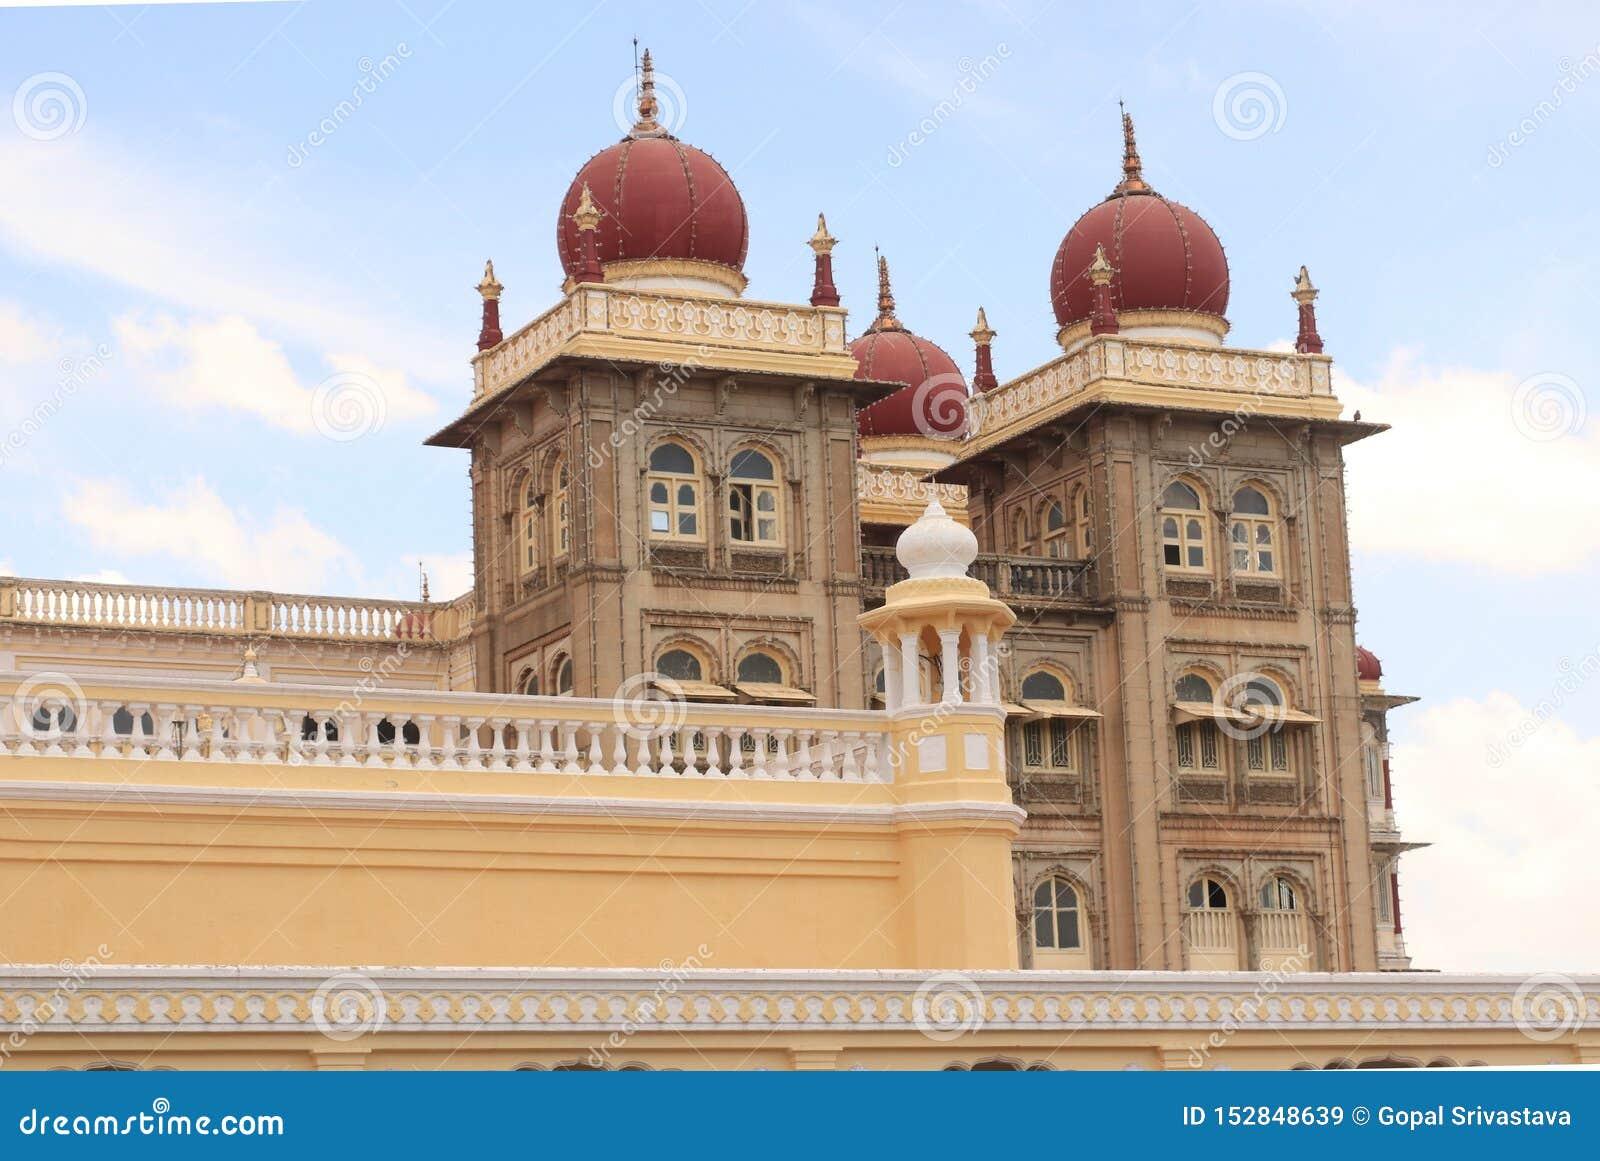 迈索尔宫殿五颜六色和美丽的圆顶